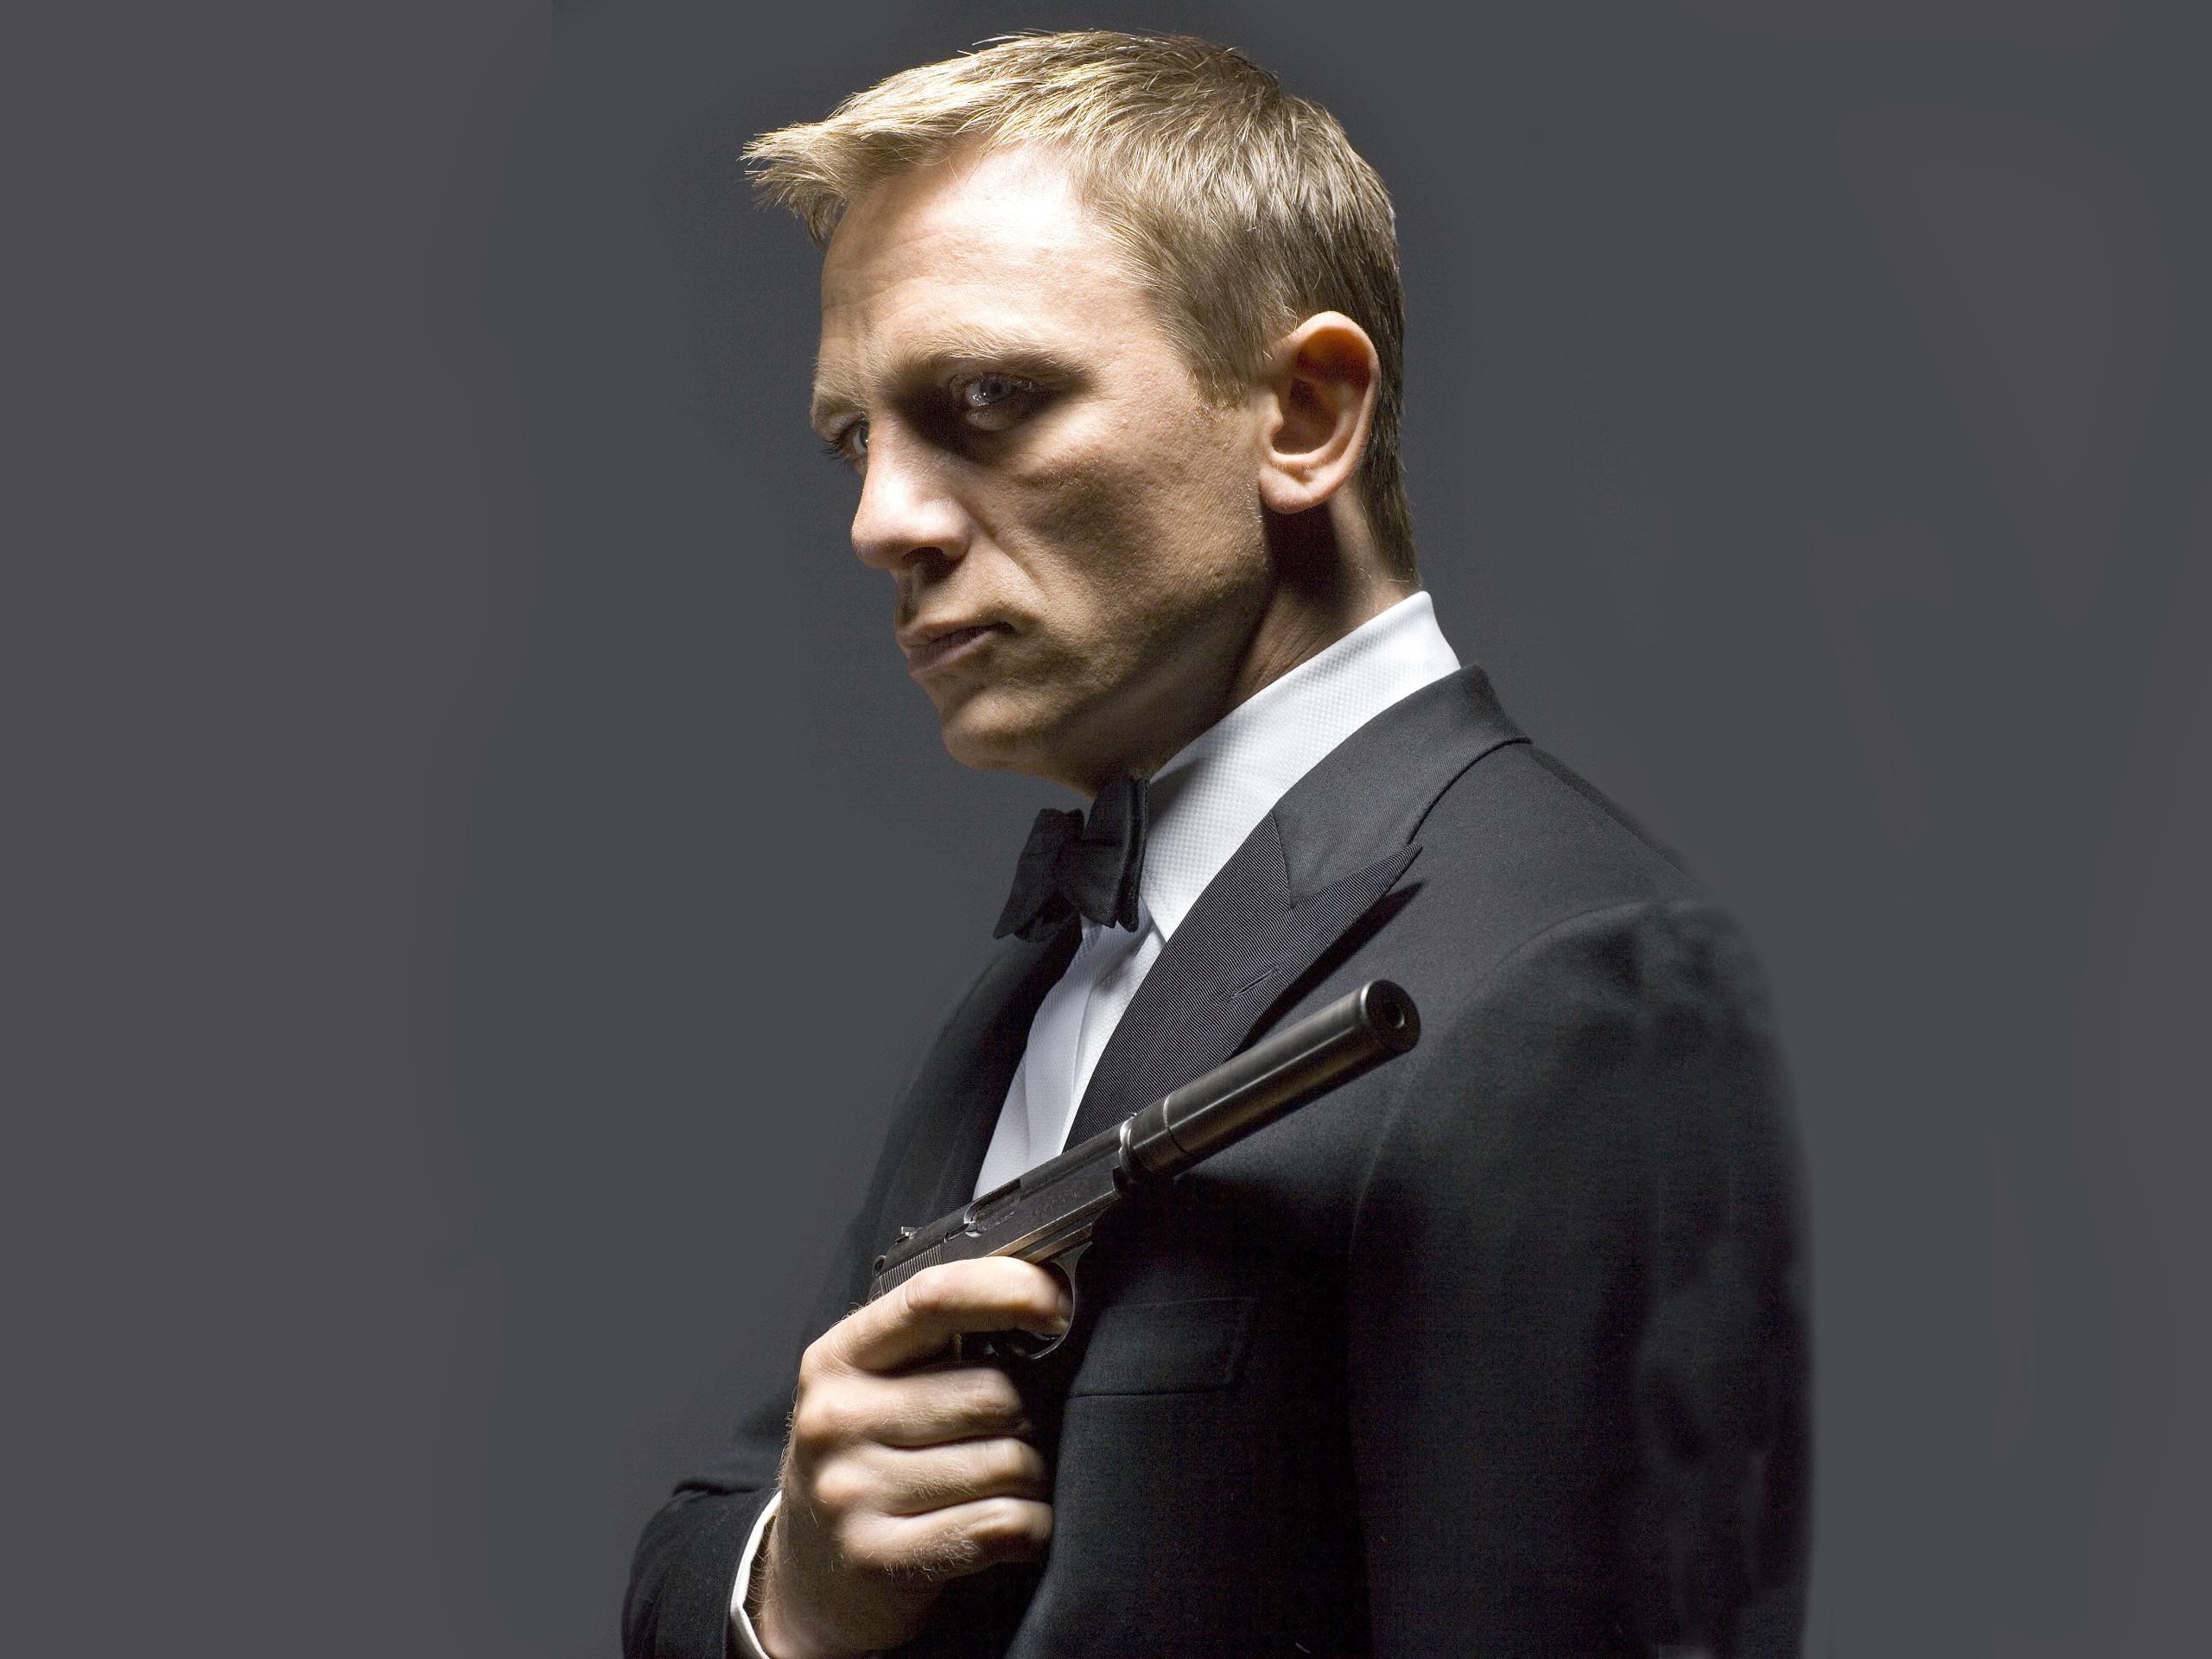 James bond tuxedo daniel craig